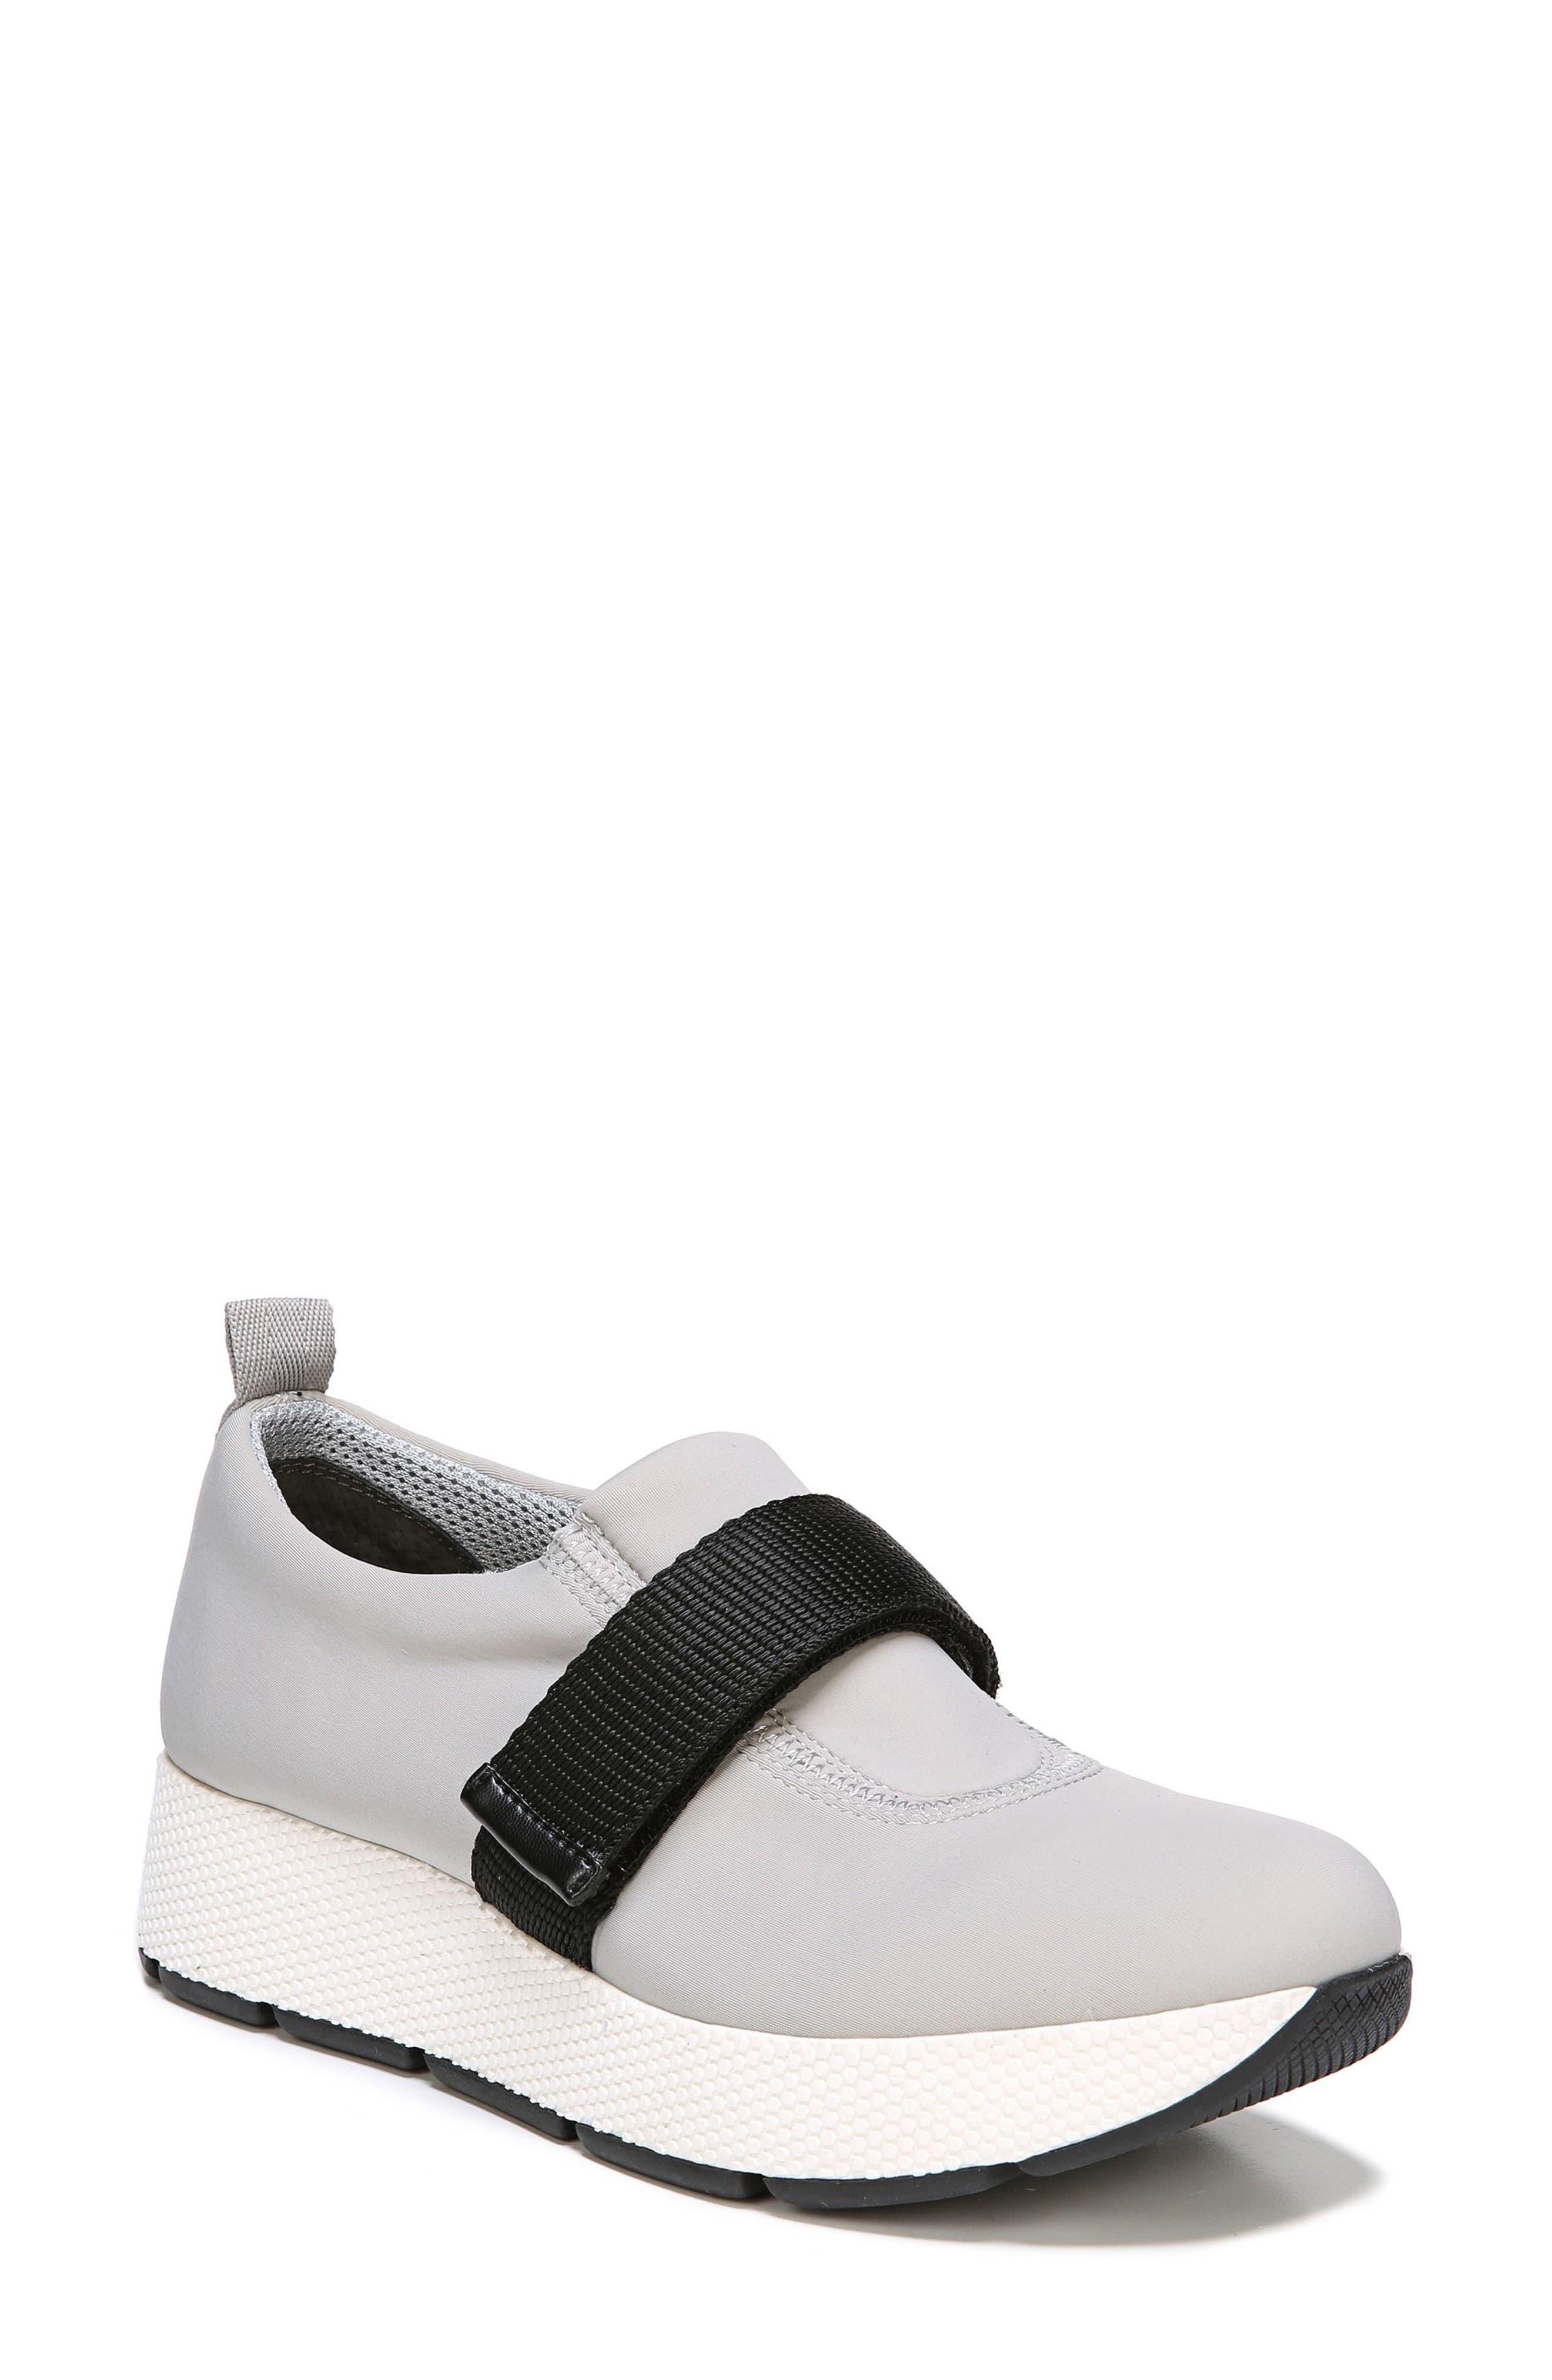 Odella Slip-On Sneaker,                             Main thumbnail 3, color,